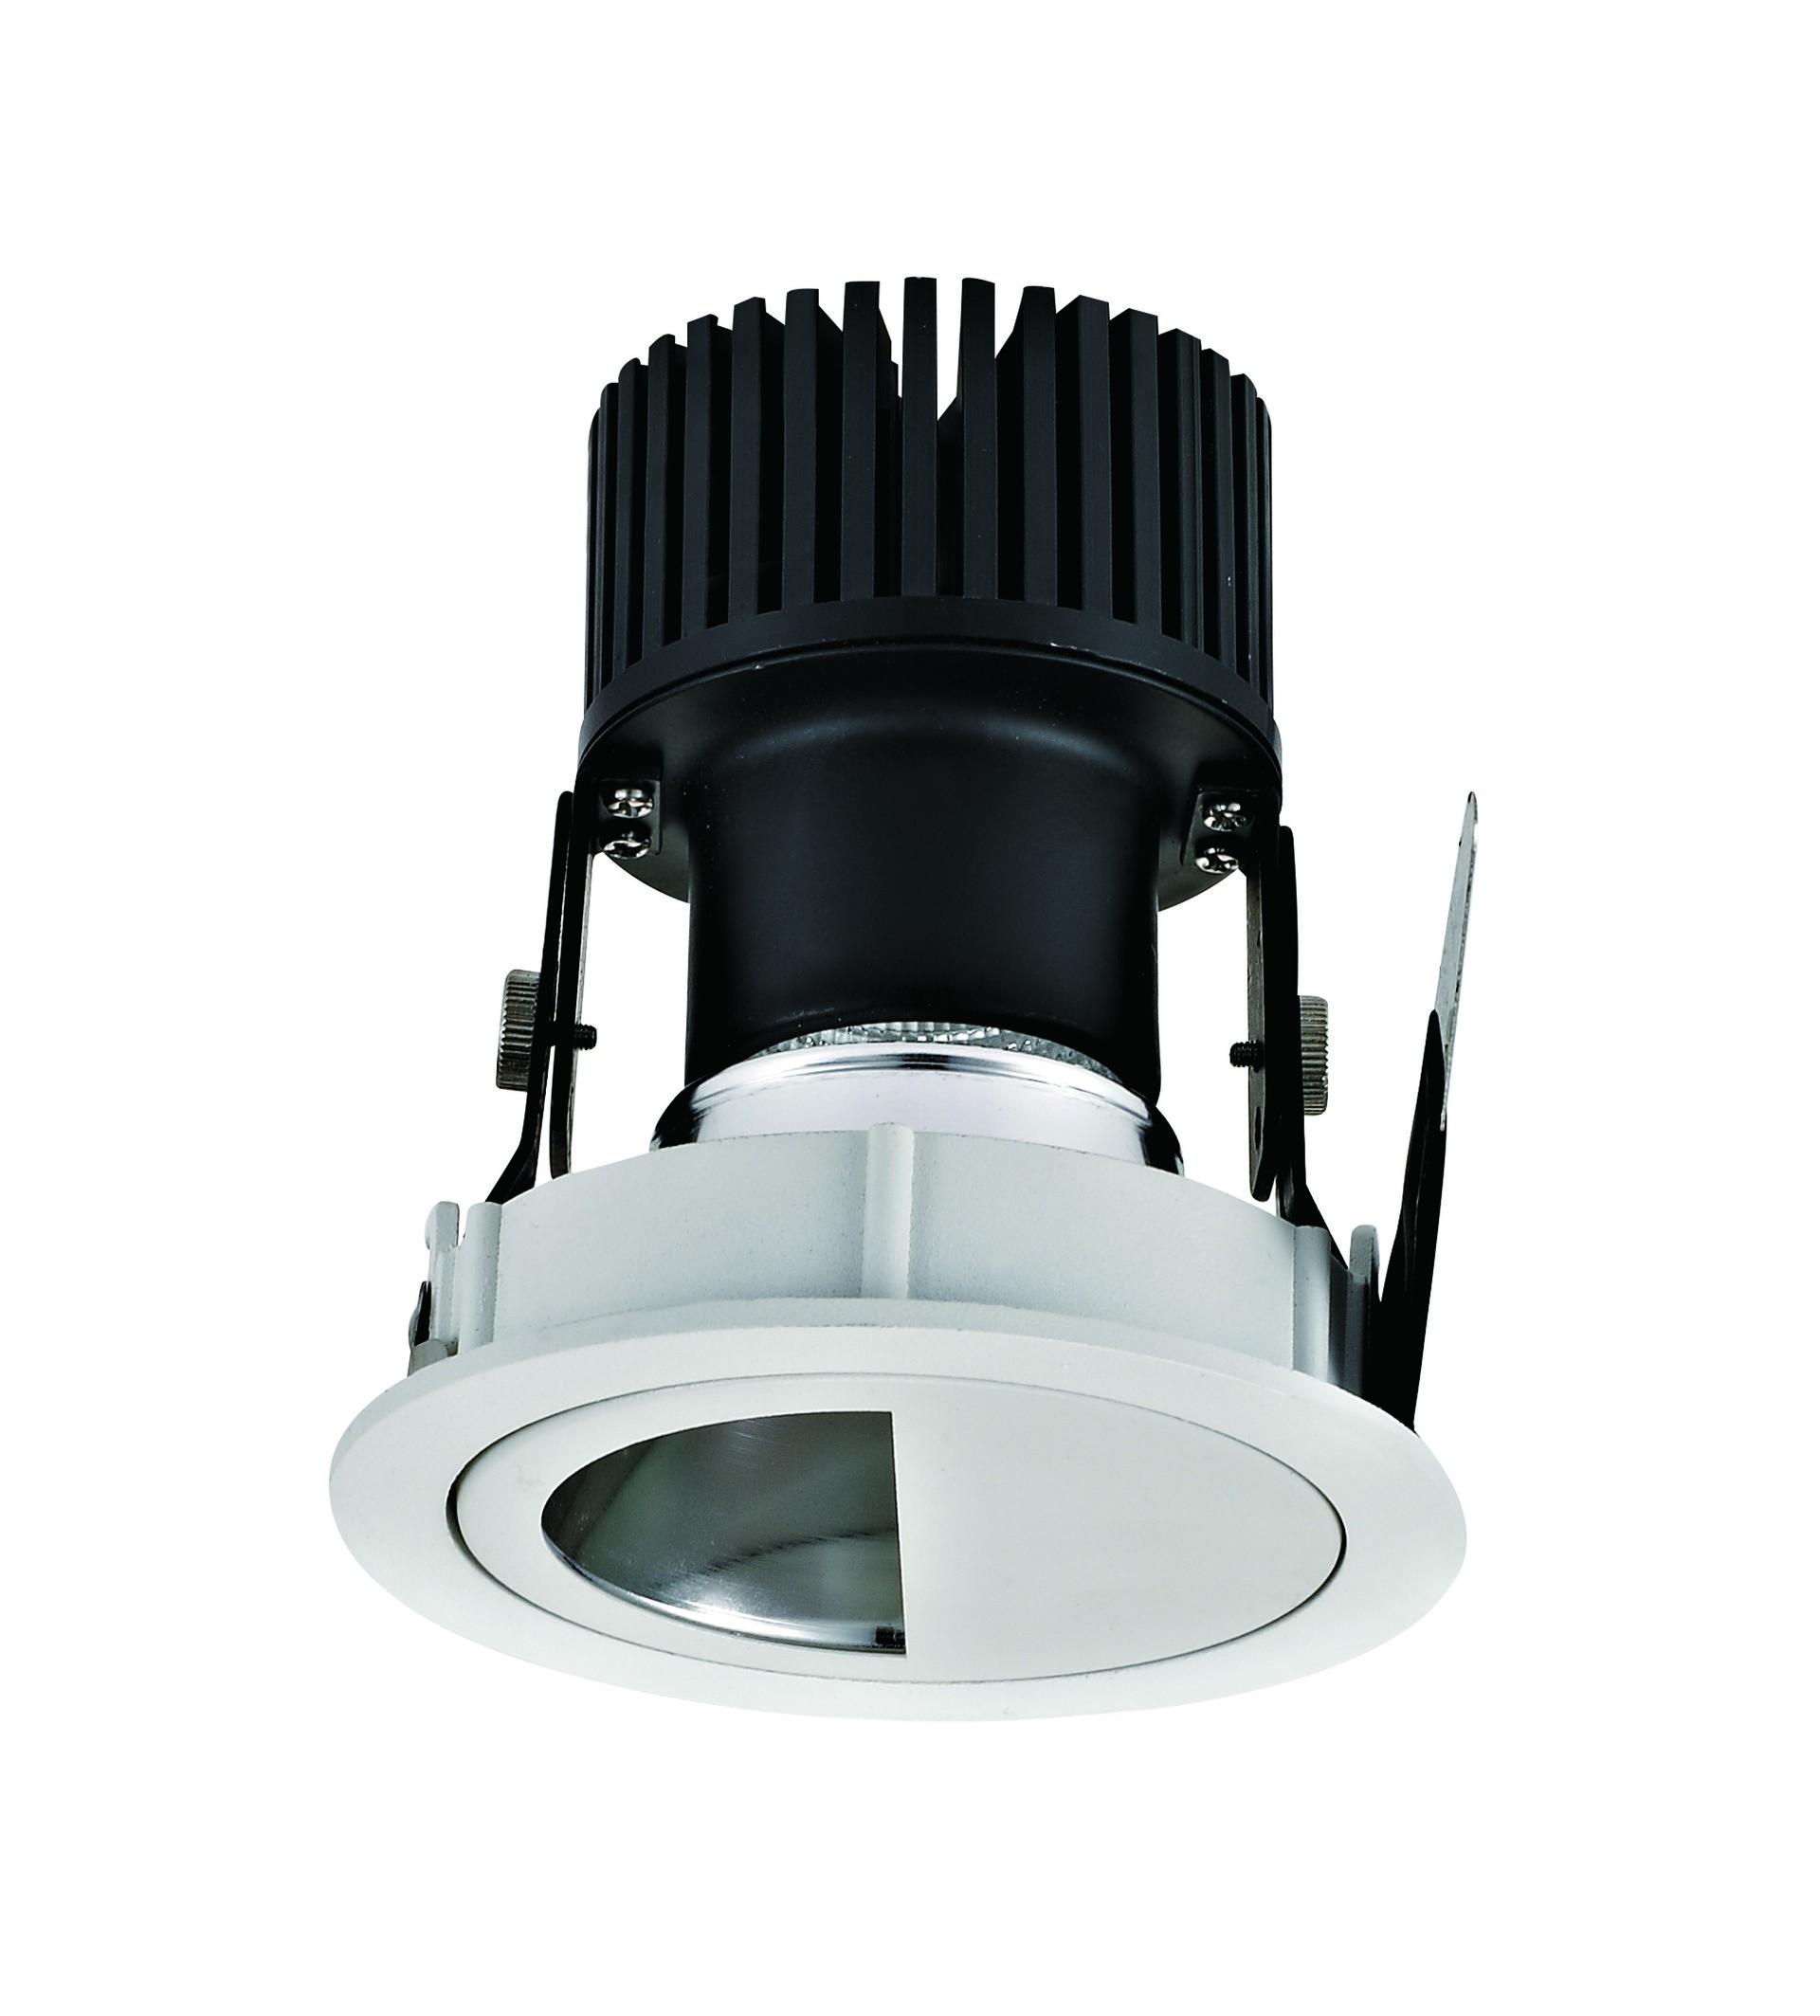 Wall washer led light room lighting LP-G1015